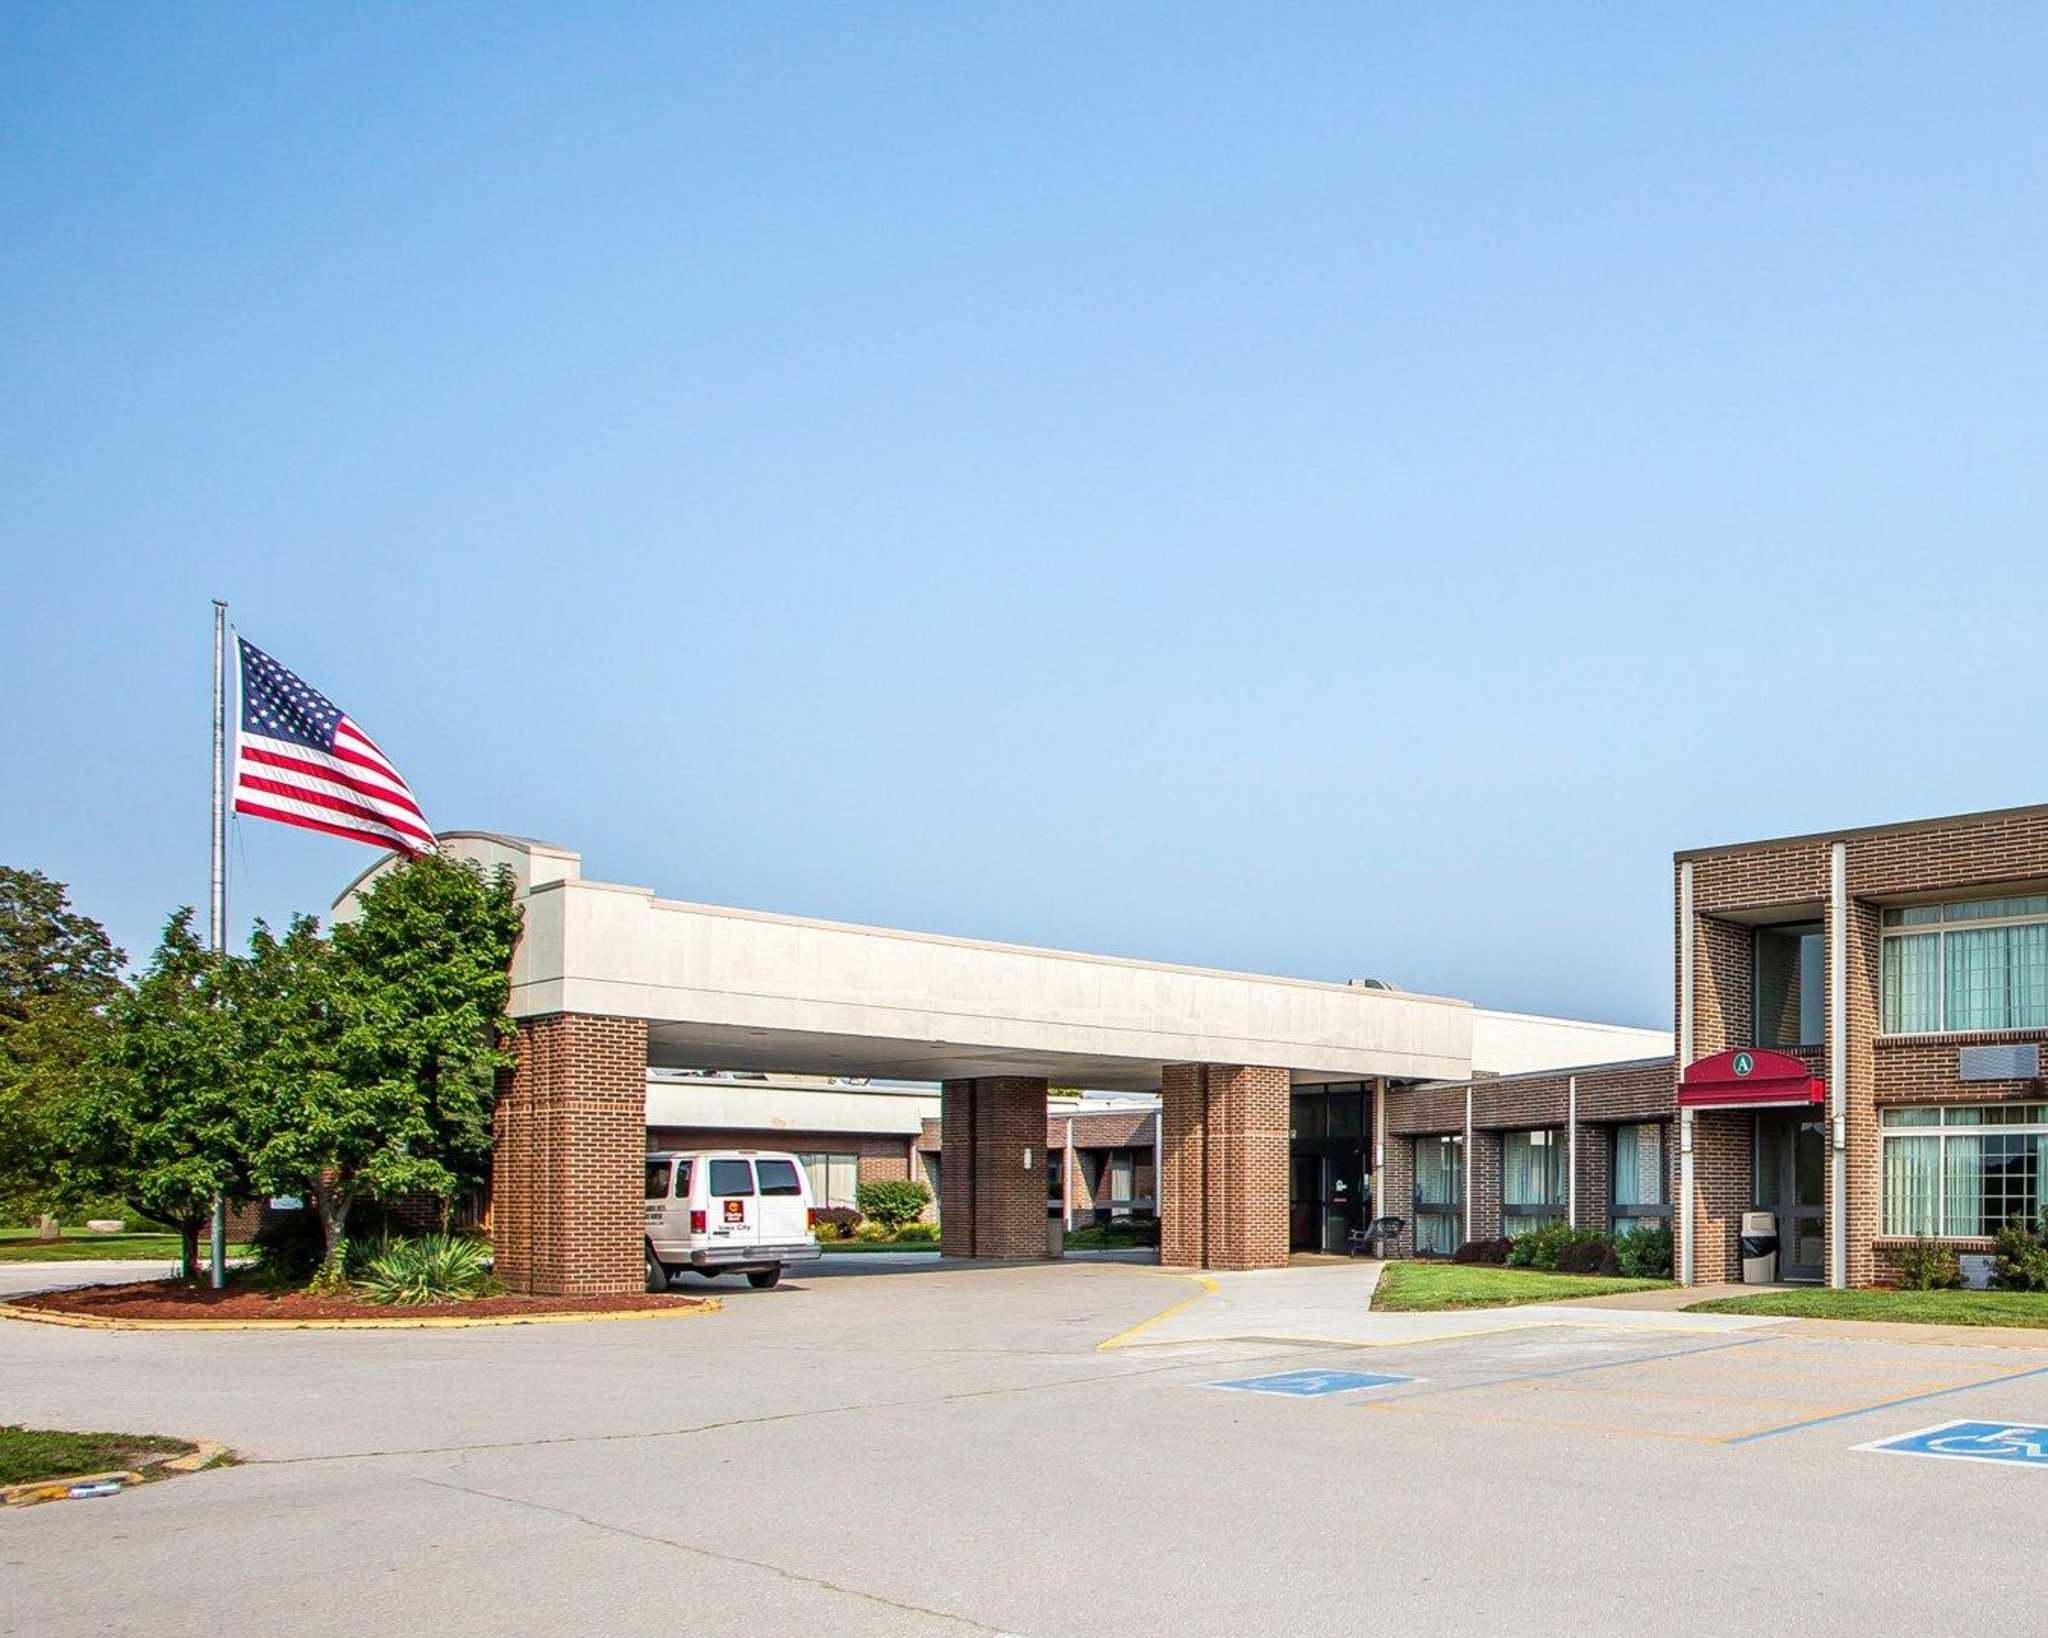 Clarion Hotel Highlander Conference Center image 1